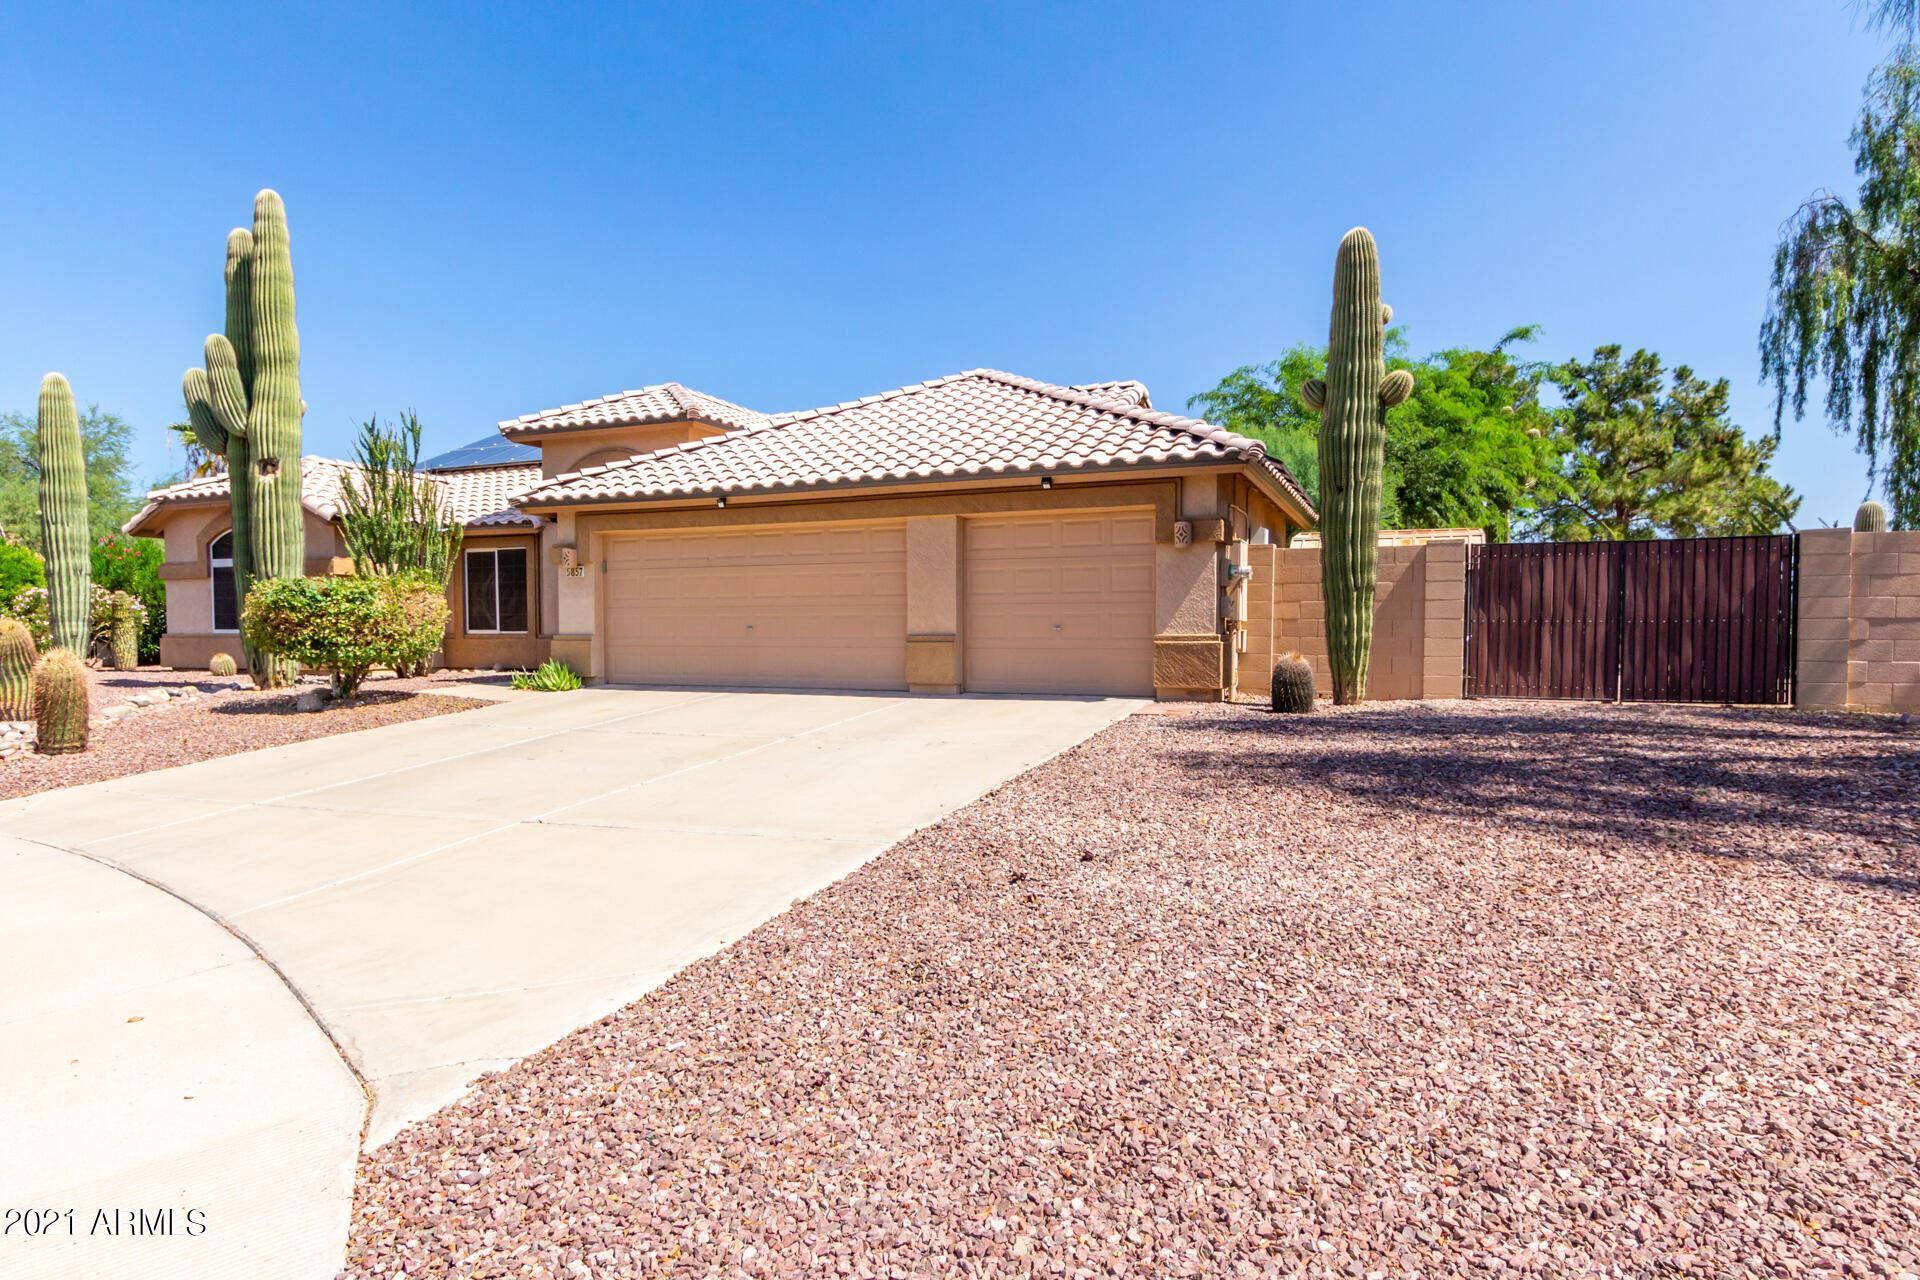 857 N HILLRIDGE --, Mesa, AZ 85207 - MLS#: 6296795